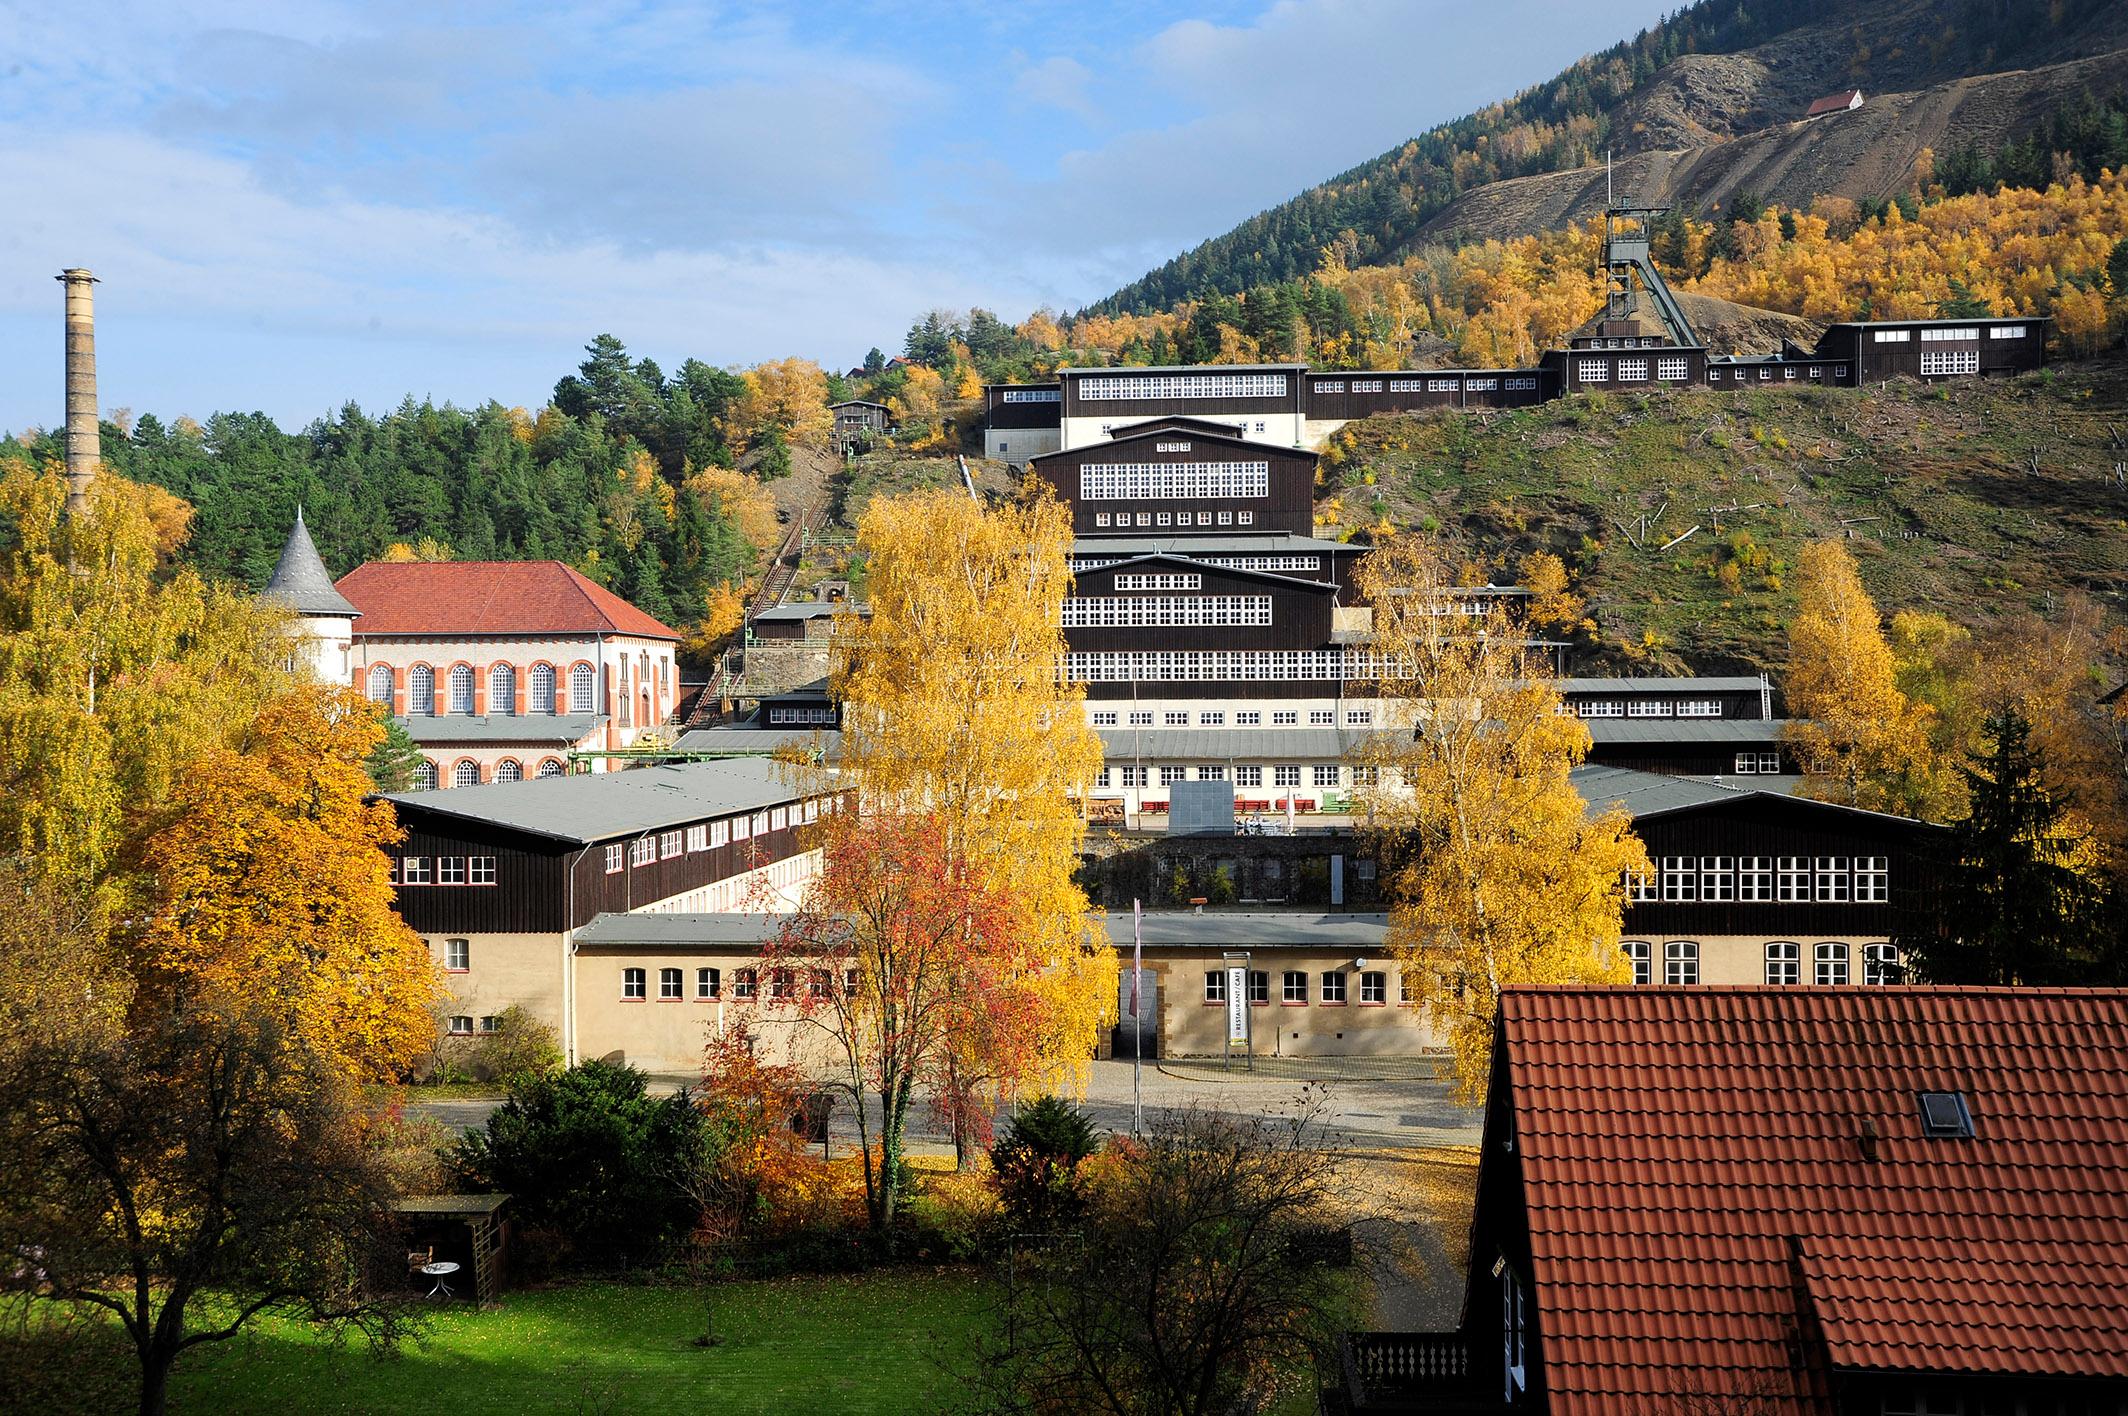 Der Wirtschaftsstandort Goslar. Foto: Landkreis Goslar